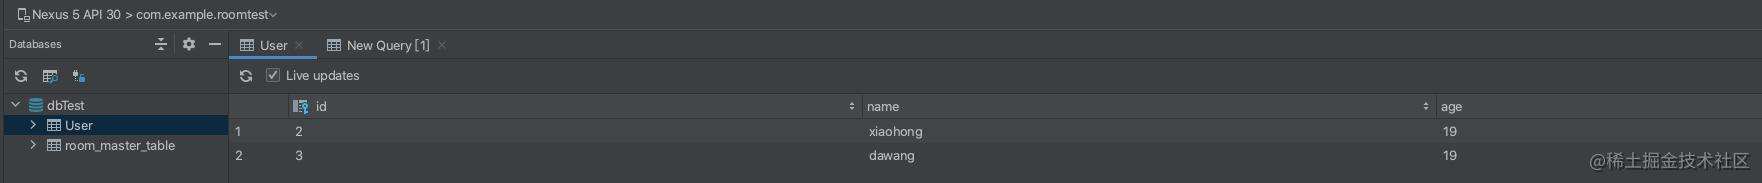 显示DataBase